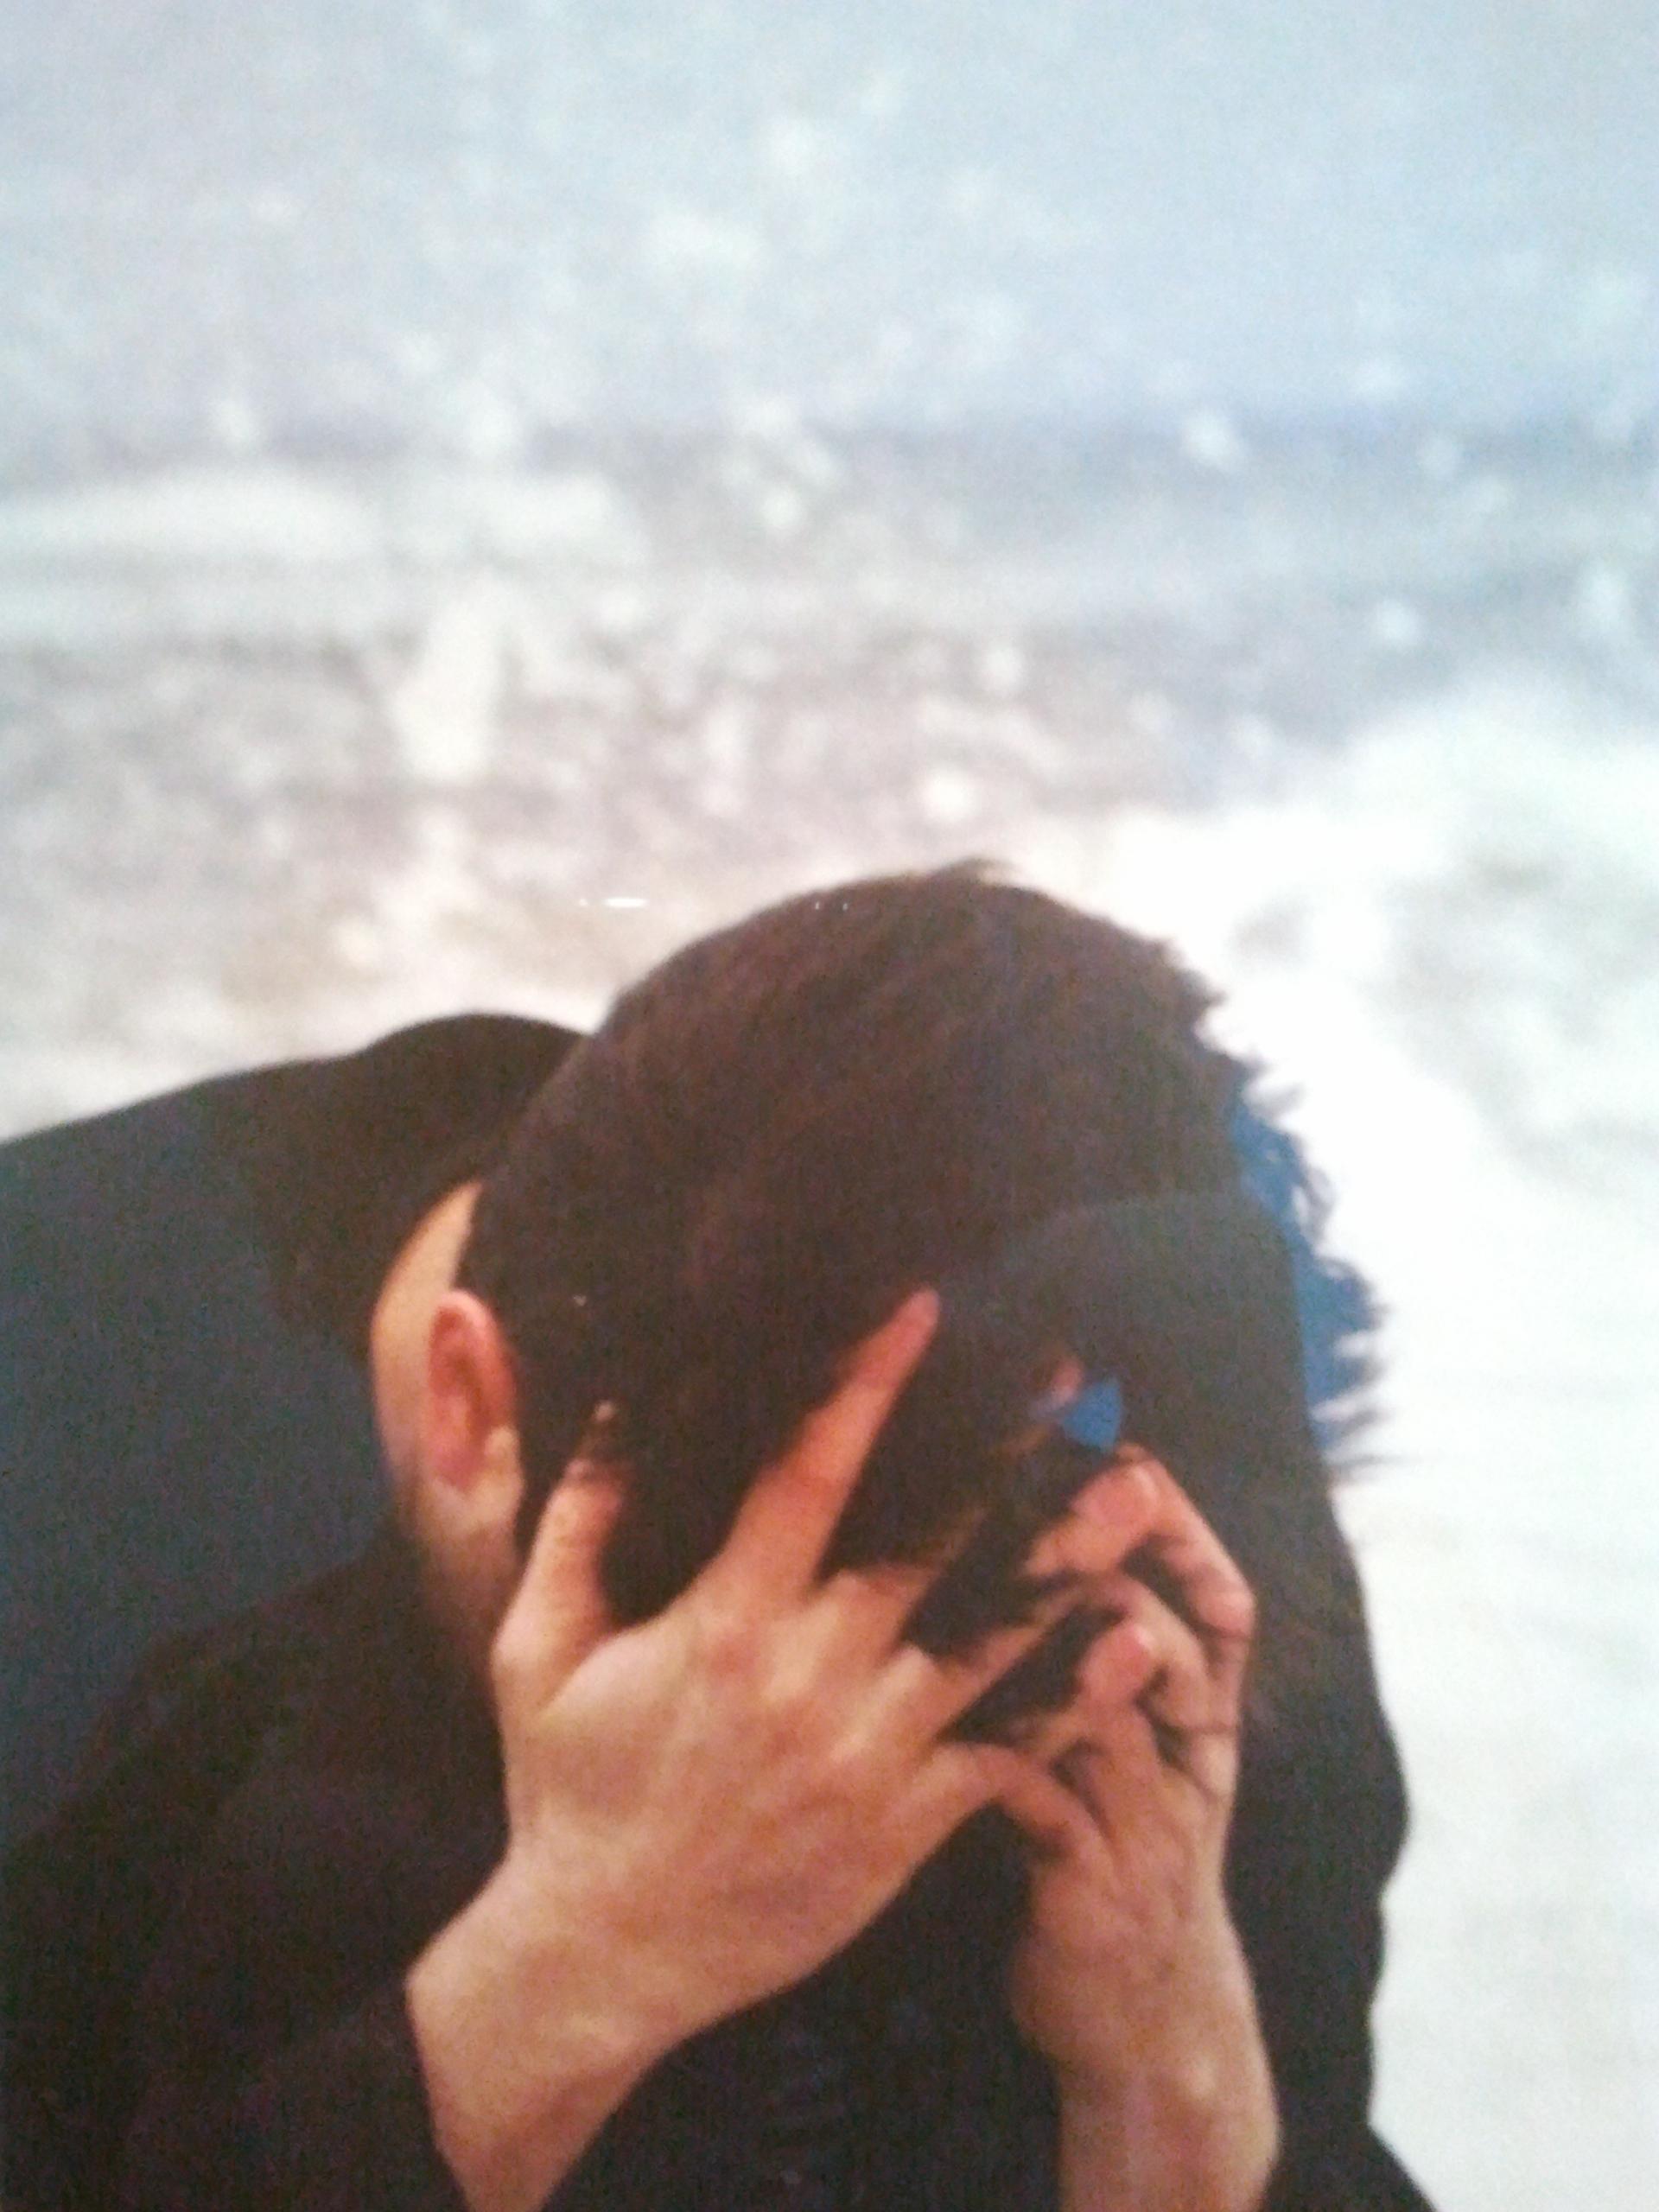 Un homme se tient la tête entre les mains dans un geste de détresse représente l' Anxiété généralisée, bleu